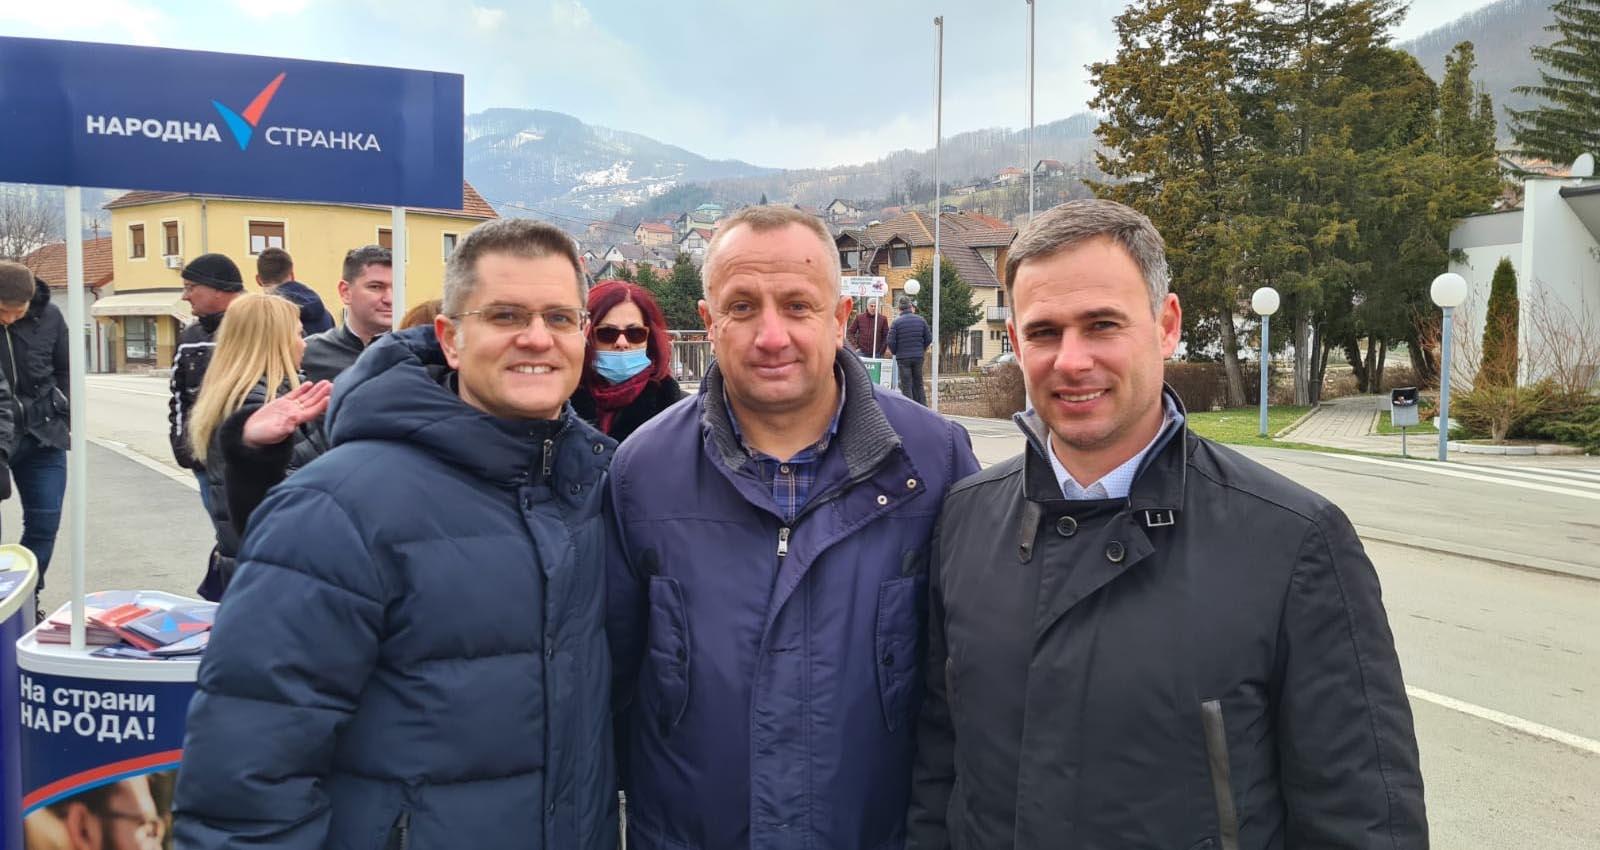 Ралић: Бојкот локалних избора у Косјерићу, нећемо дати легитимитет катастрофалној власти СНС-а